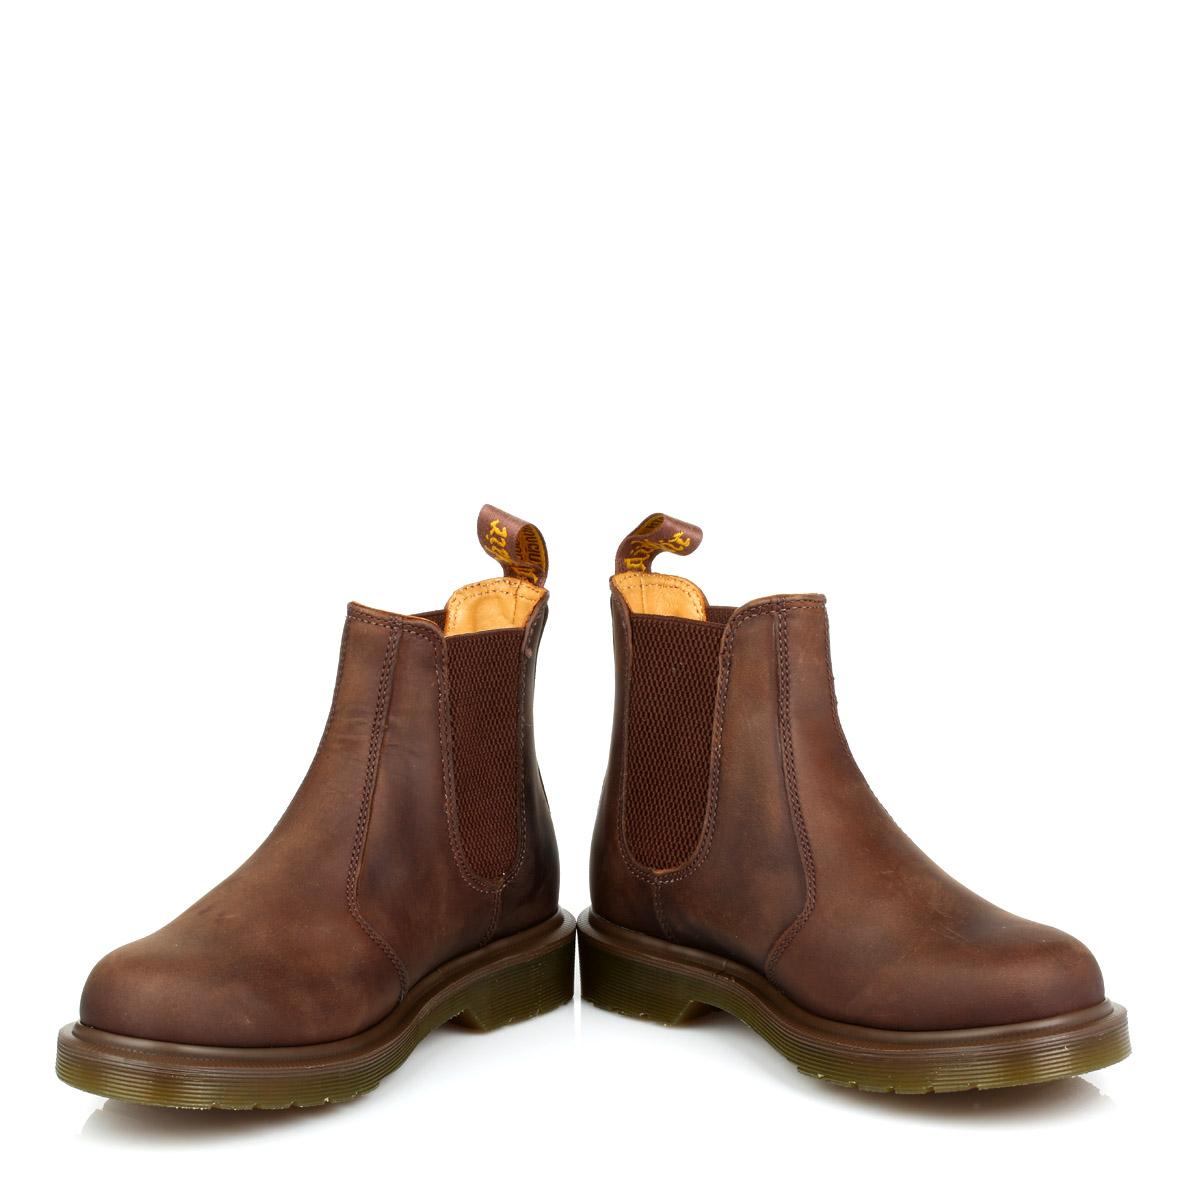 DR MARTENS UNISEX Docs Brun Horse SETTIMO Gaucho Crazy Horse Brun alla Caviglia Chelsea Pull On Scarpe e3c9d6